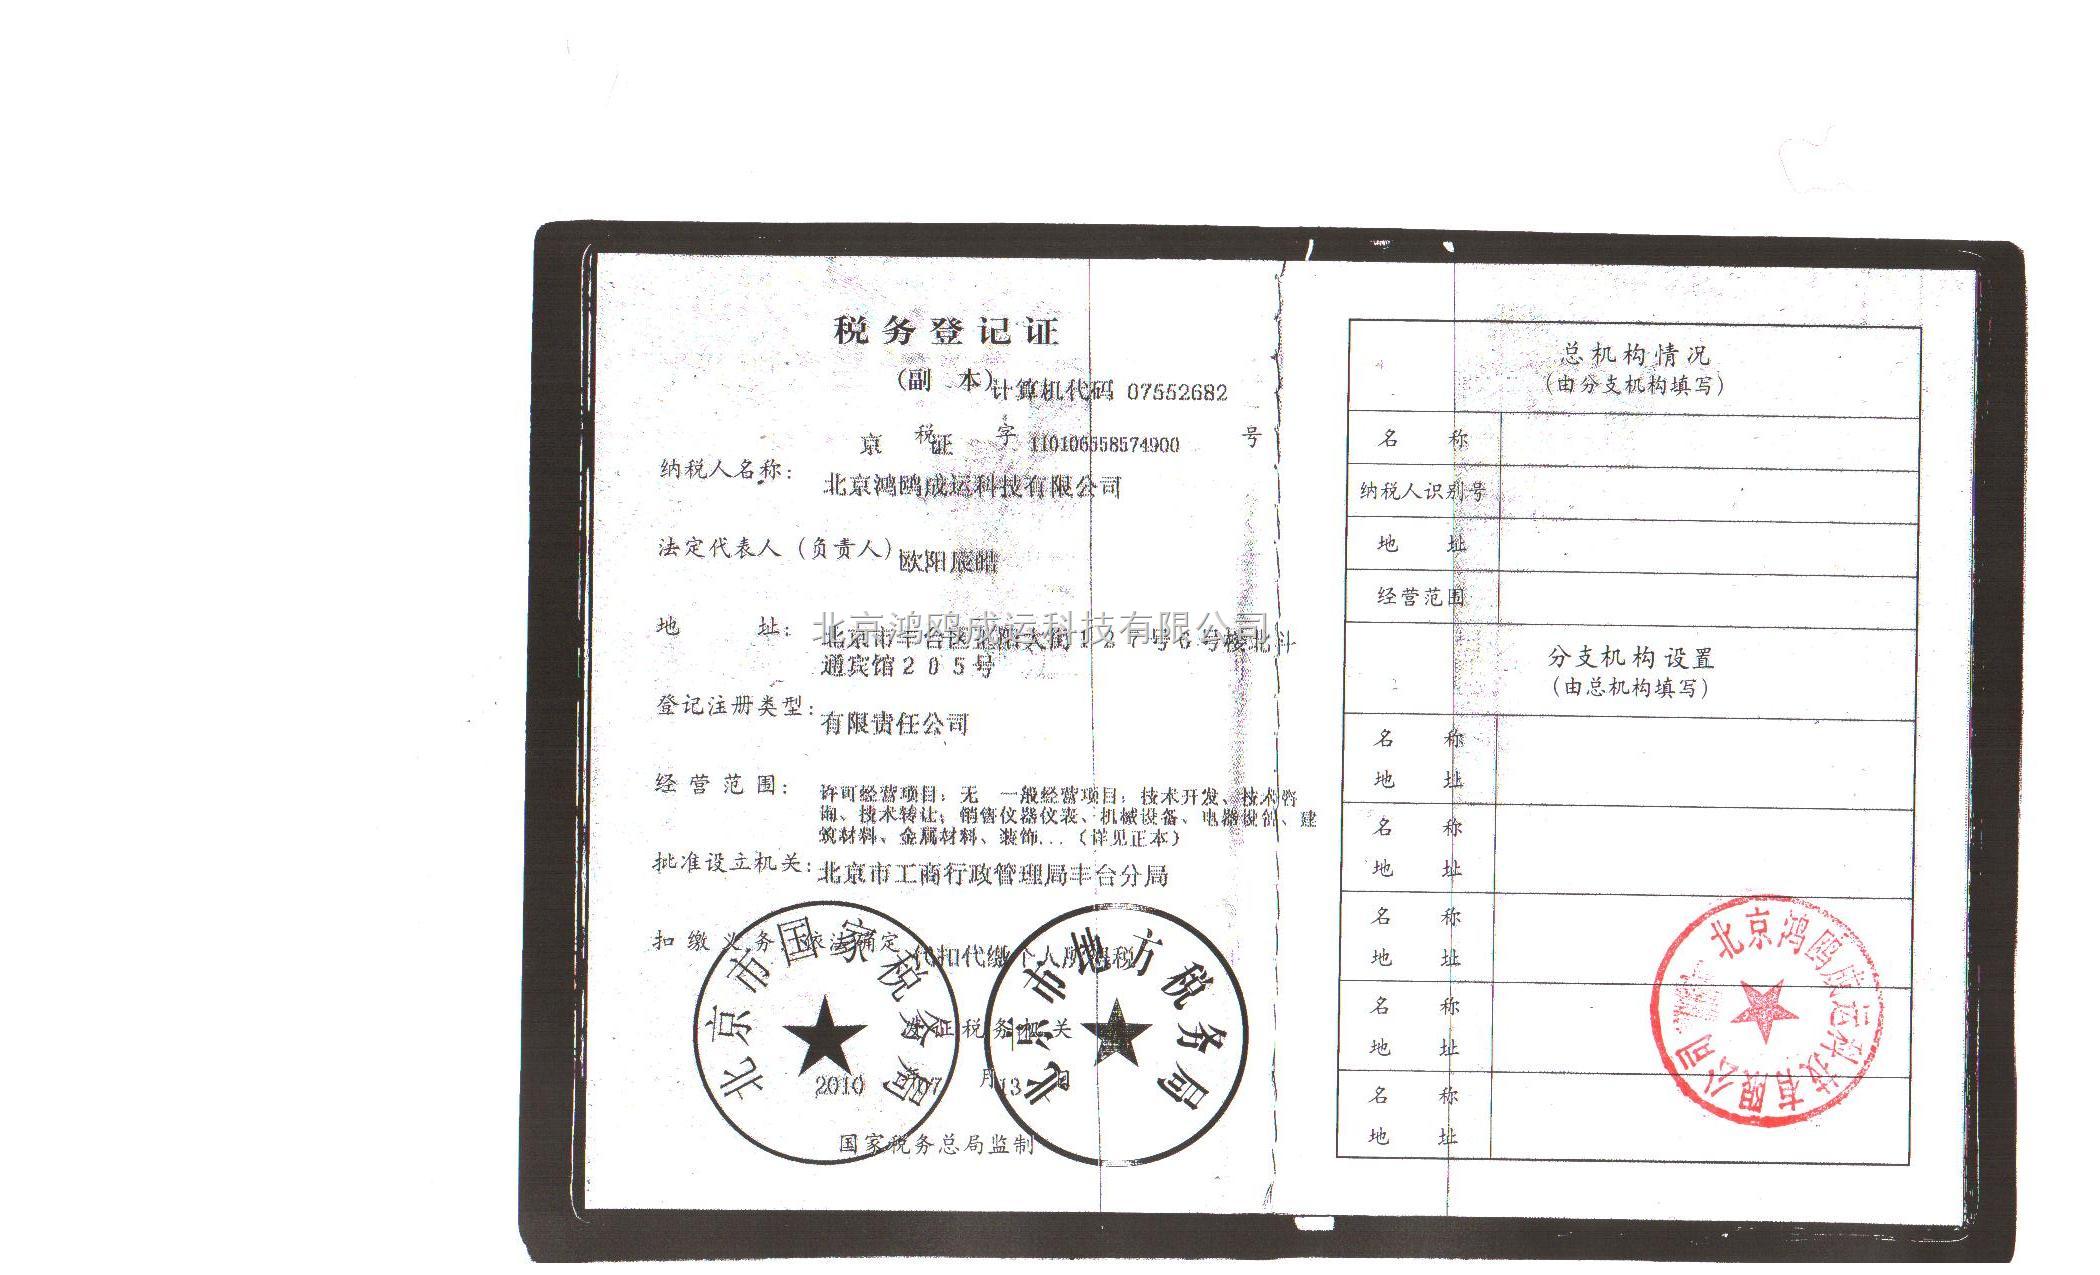 北京鸿鸥成运科技有限公司税务登记证